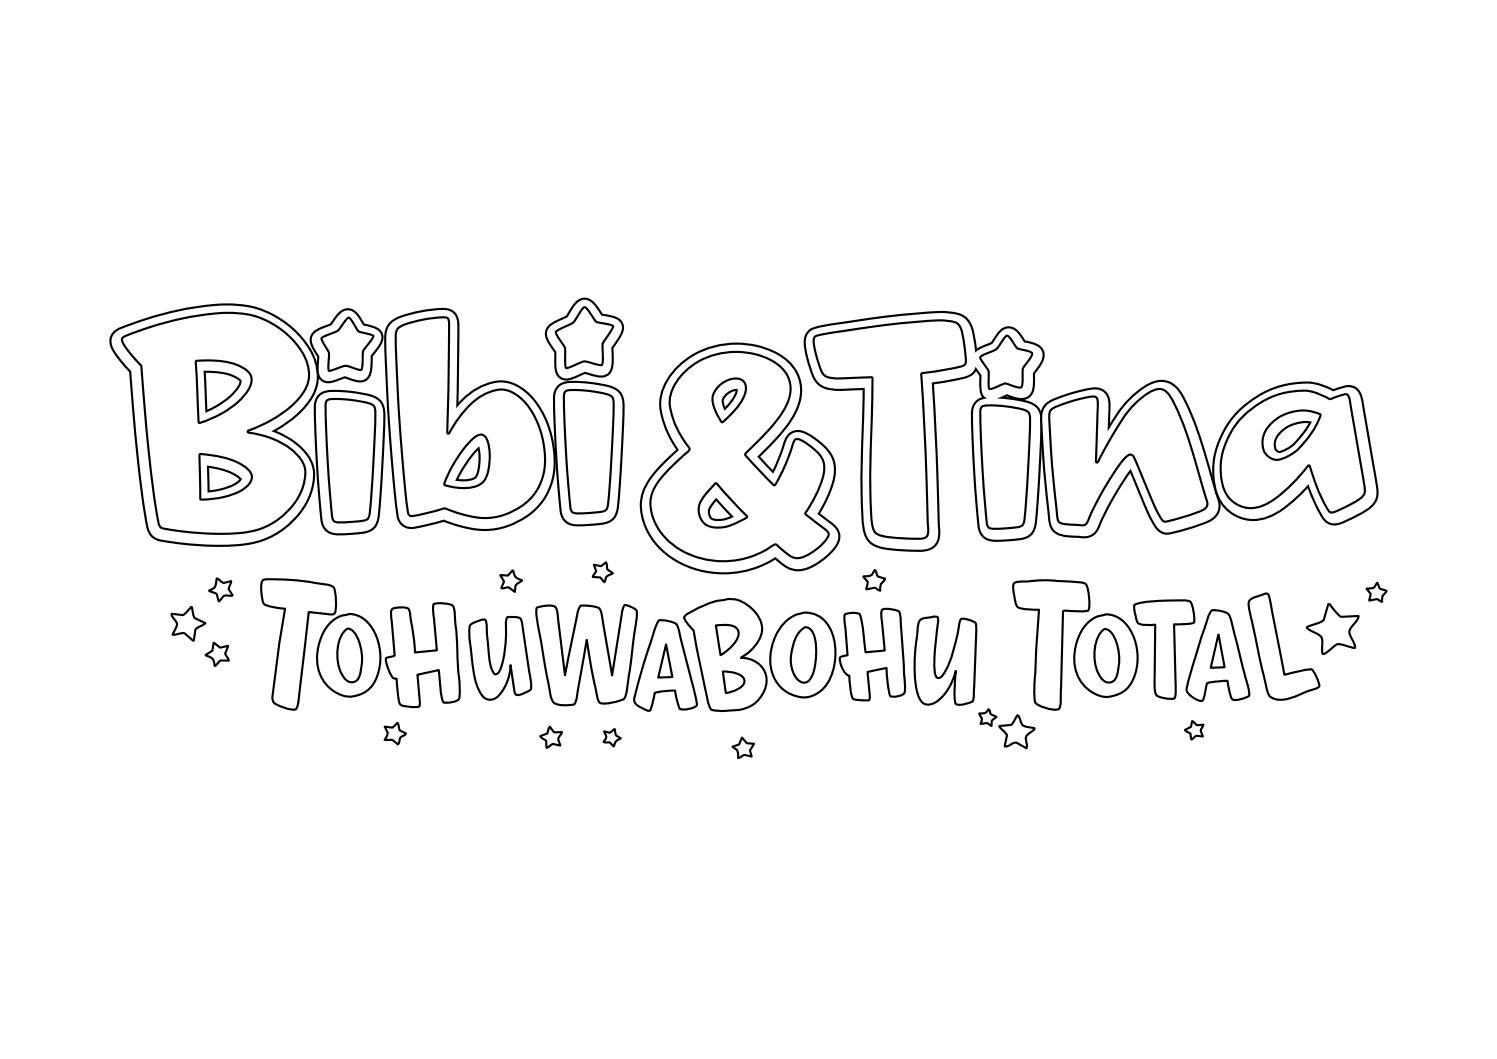 Malvorlagen Bibi und Tina by CINEPLEX - Issuu